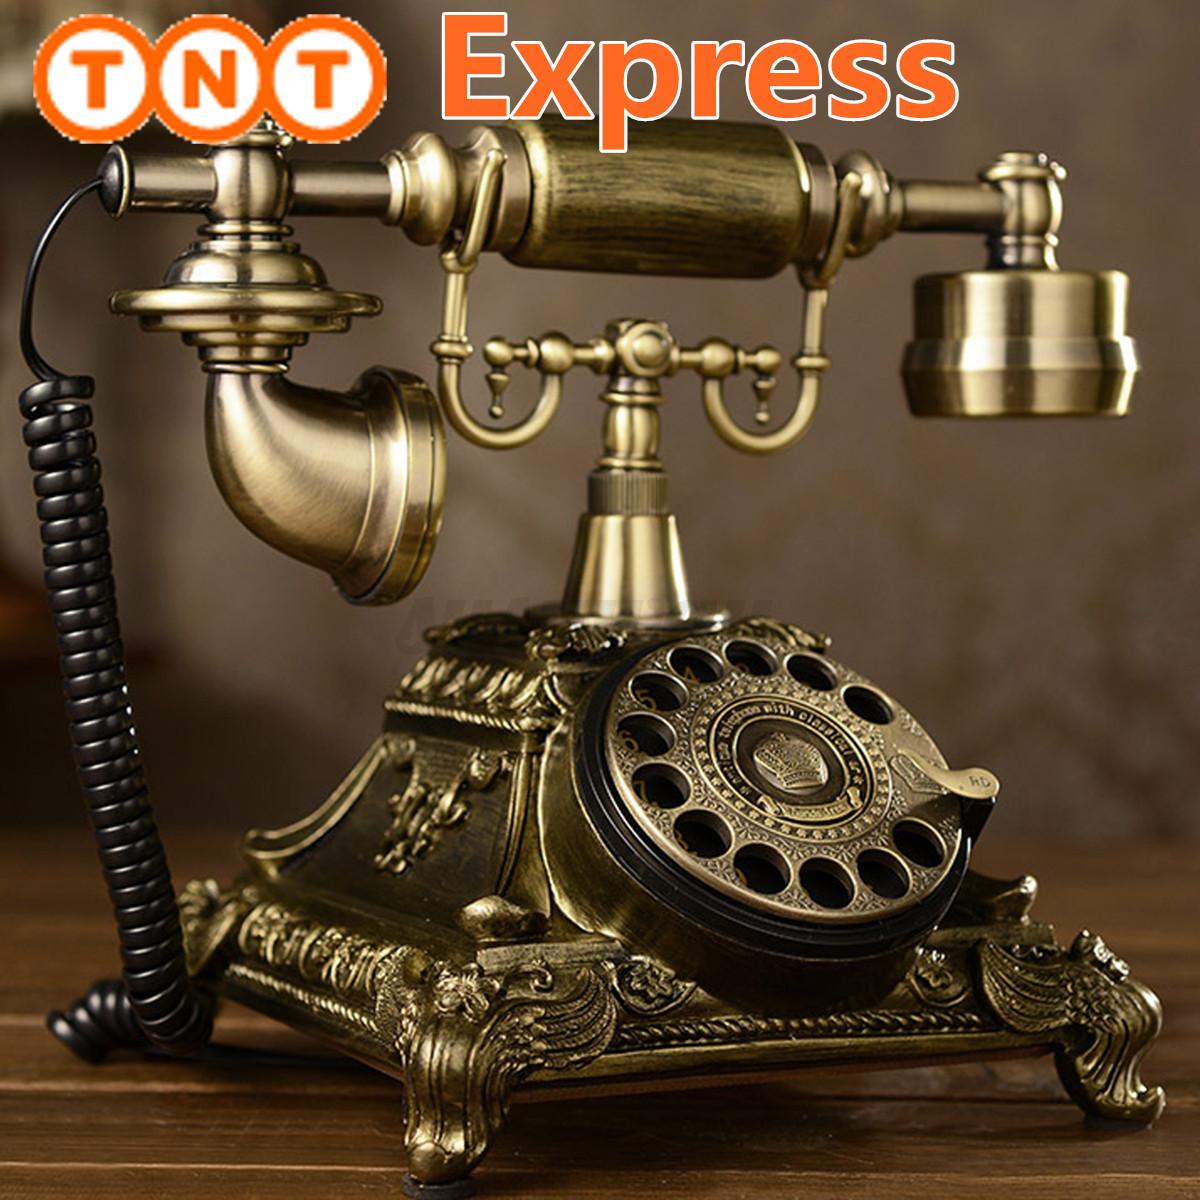 Old fashioned landline phones for sale